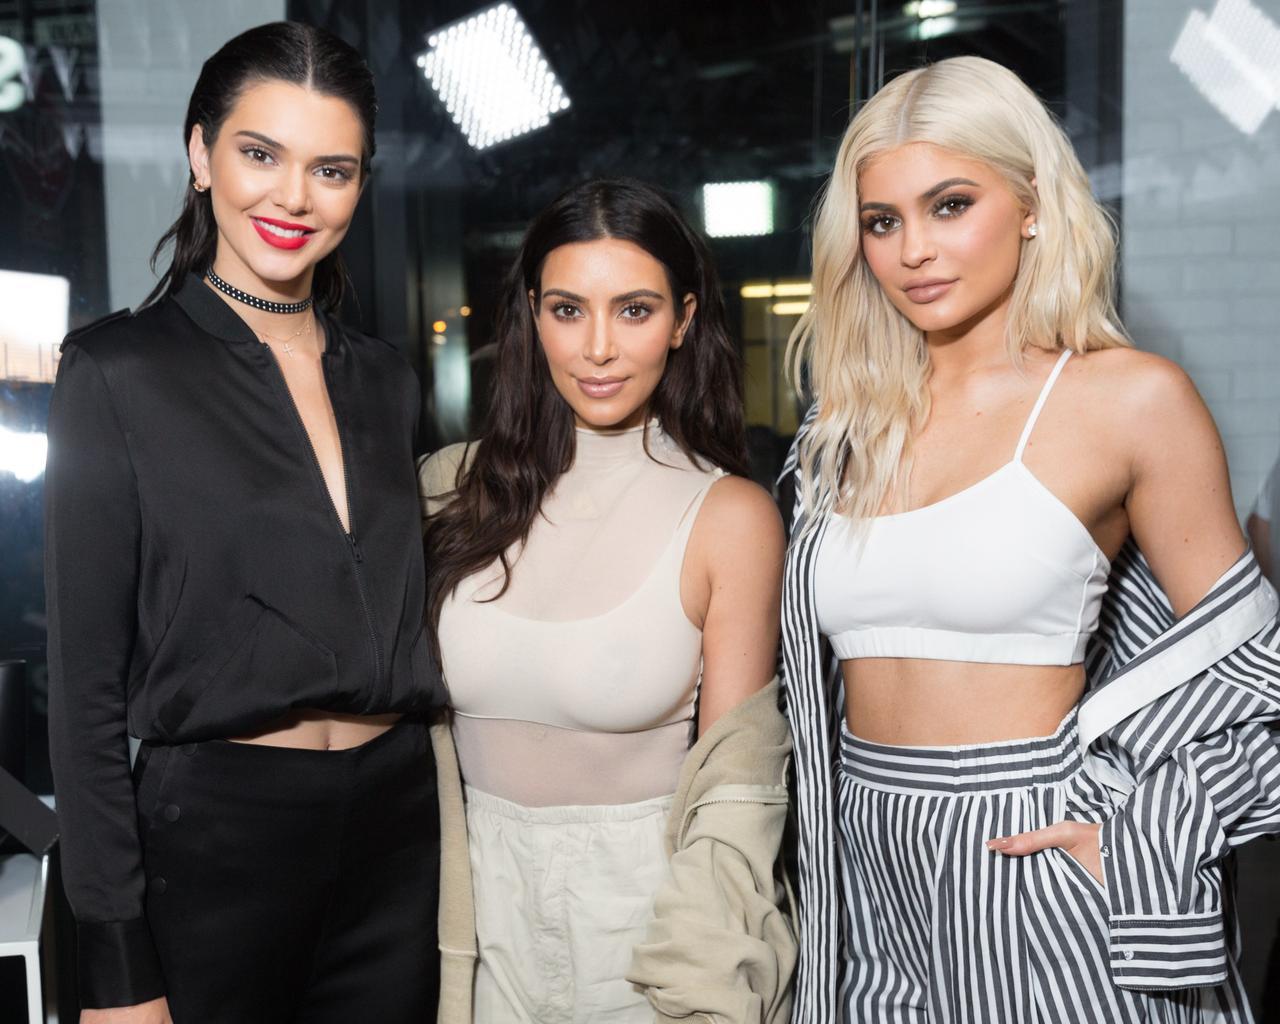 画像: 異父姉のキム・カーダシアン(中央)はカイリーと同じくリアリティスターで、ラッパーのカニエ・ウェストの妻としても有名。また姉のケンダル・ジェンナー(左)はファッション業界で引っ張りだこの超売れっ子モデル。